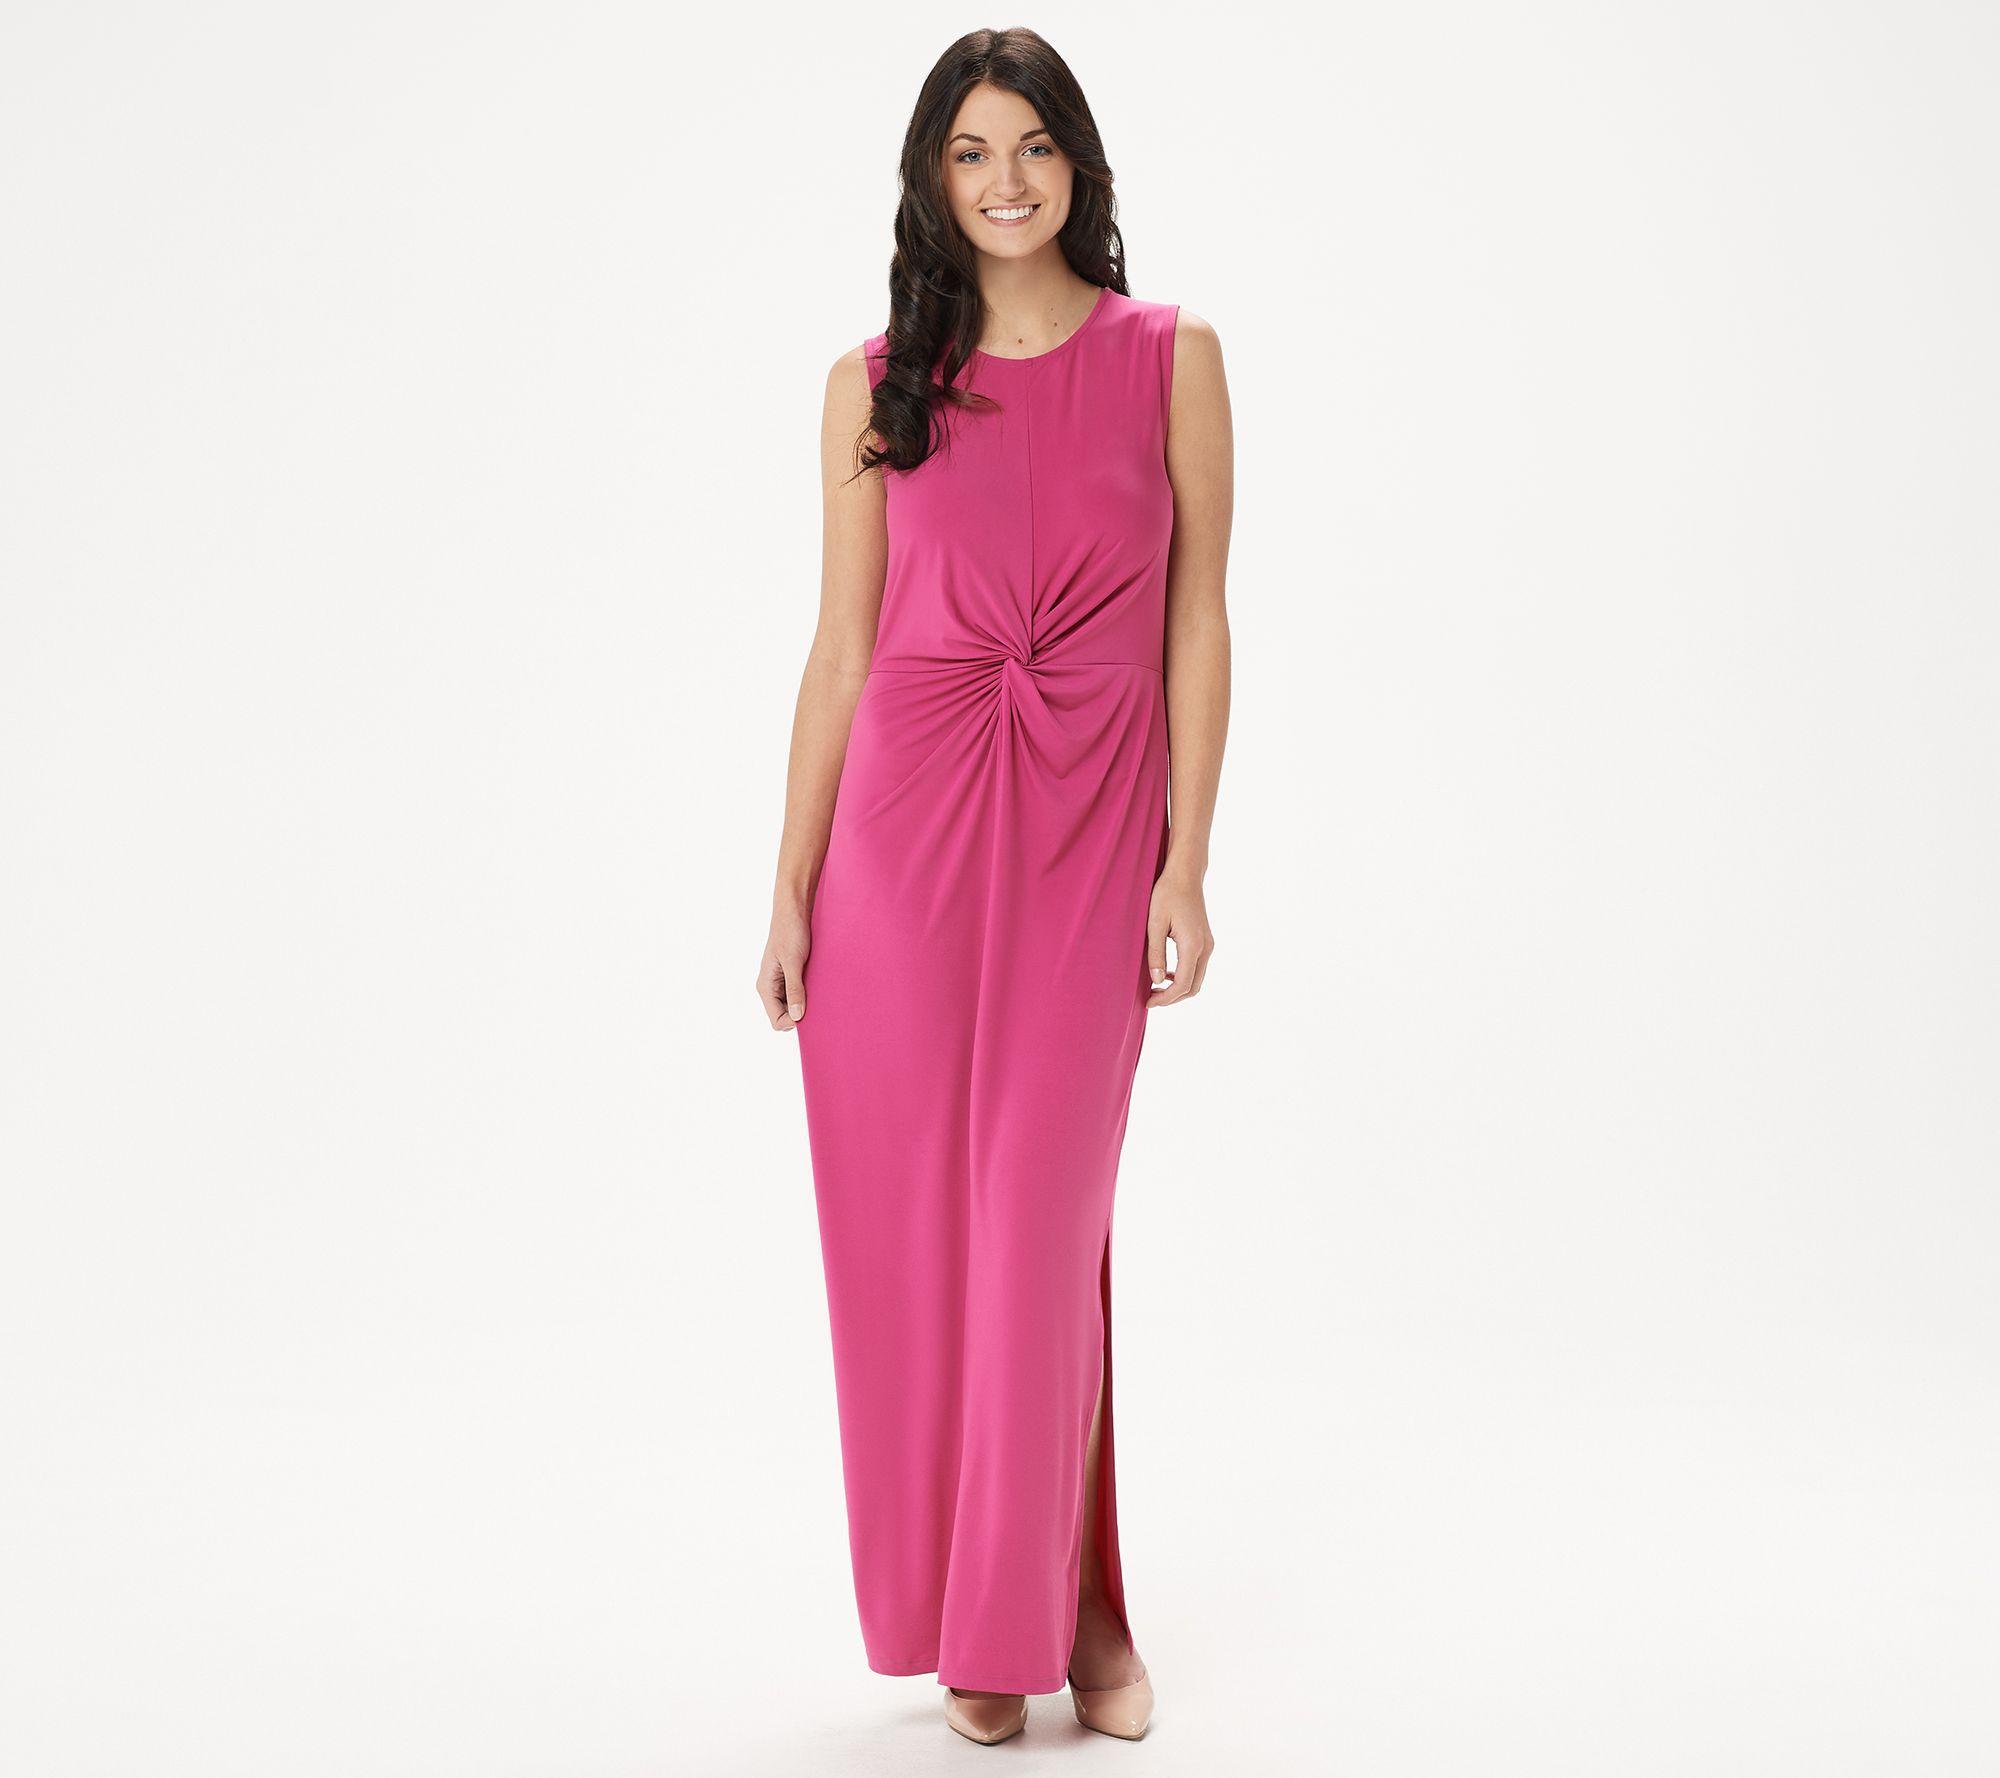 Brooke Shields Timeless Regular Sleeveless Maxi Dress W Twist Qvc Com Maxi Knit Dress Sleeveless Maxi Dress Dresses [ 1778 x 2000 Pixel ]